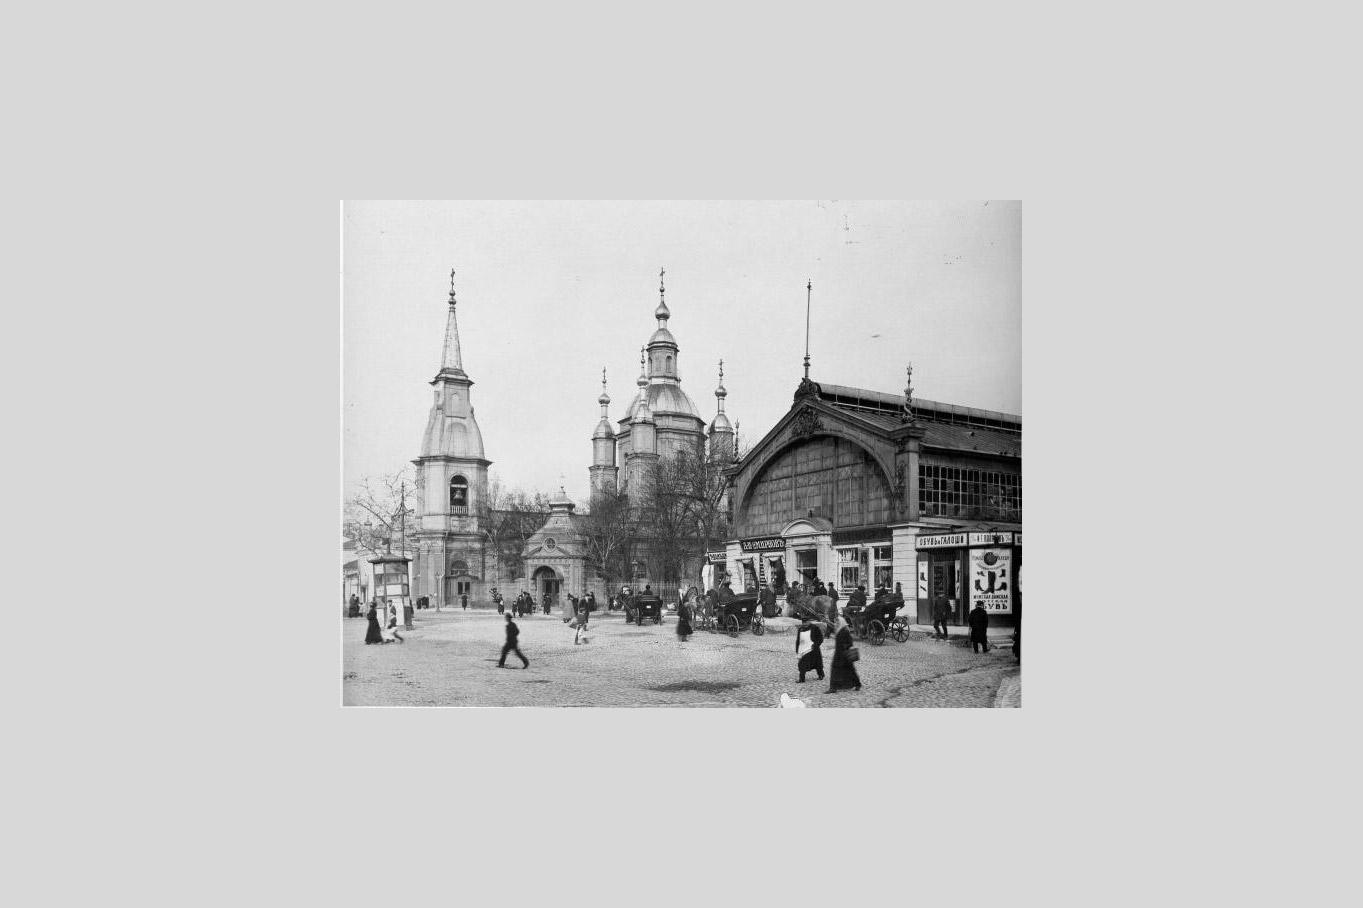 Андреевский рынок. Фотография 1913 года.